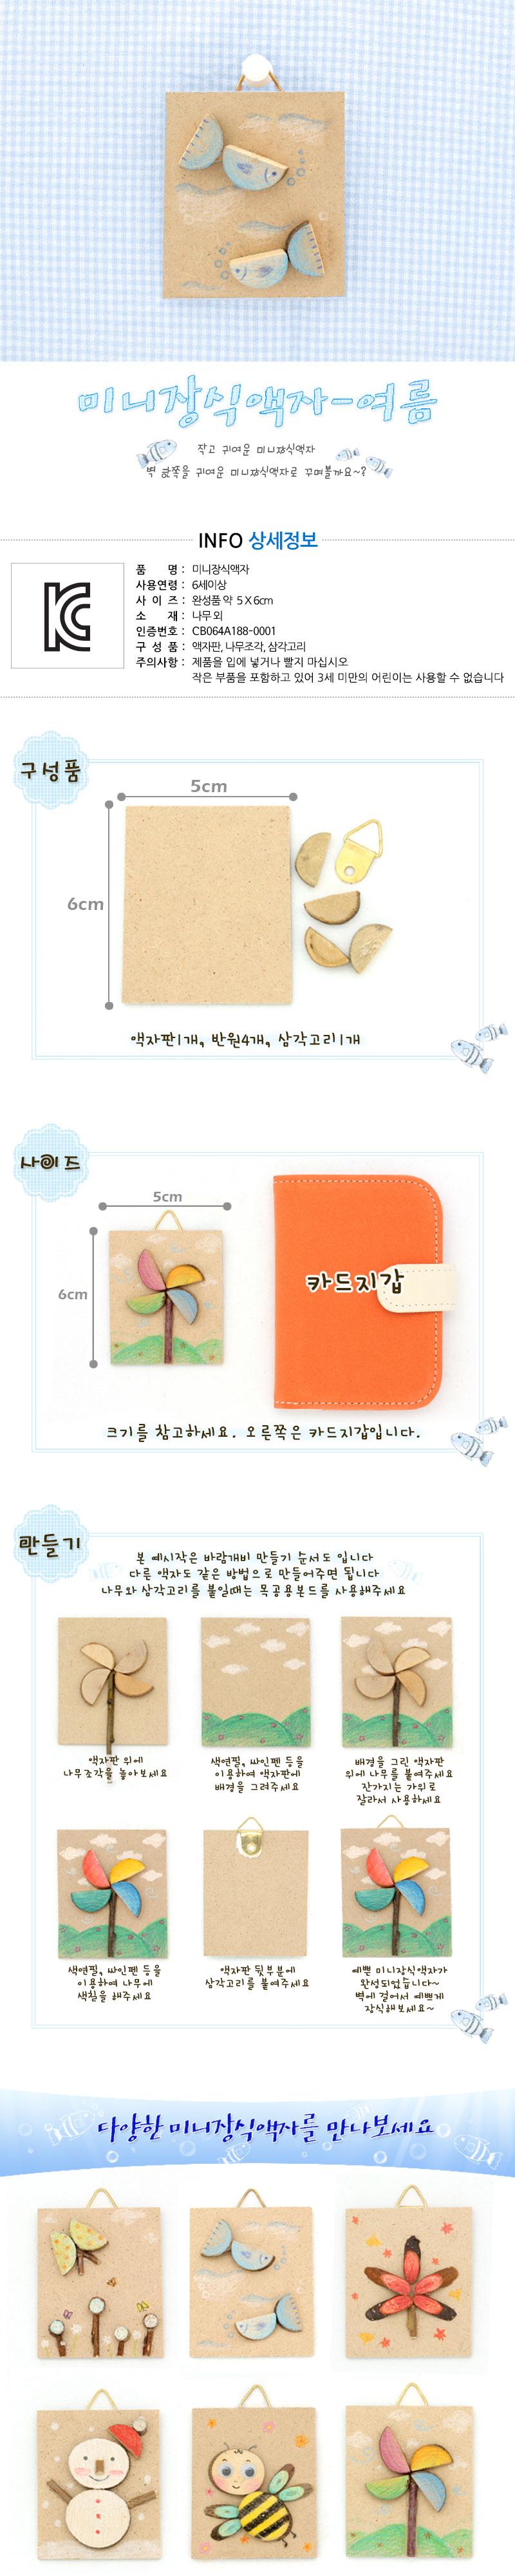 미니장식액자-여름 - 에코키즈, 1,800원, 우드공예, 우드공예 패키지